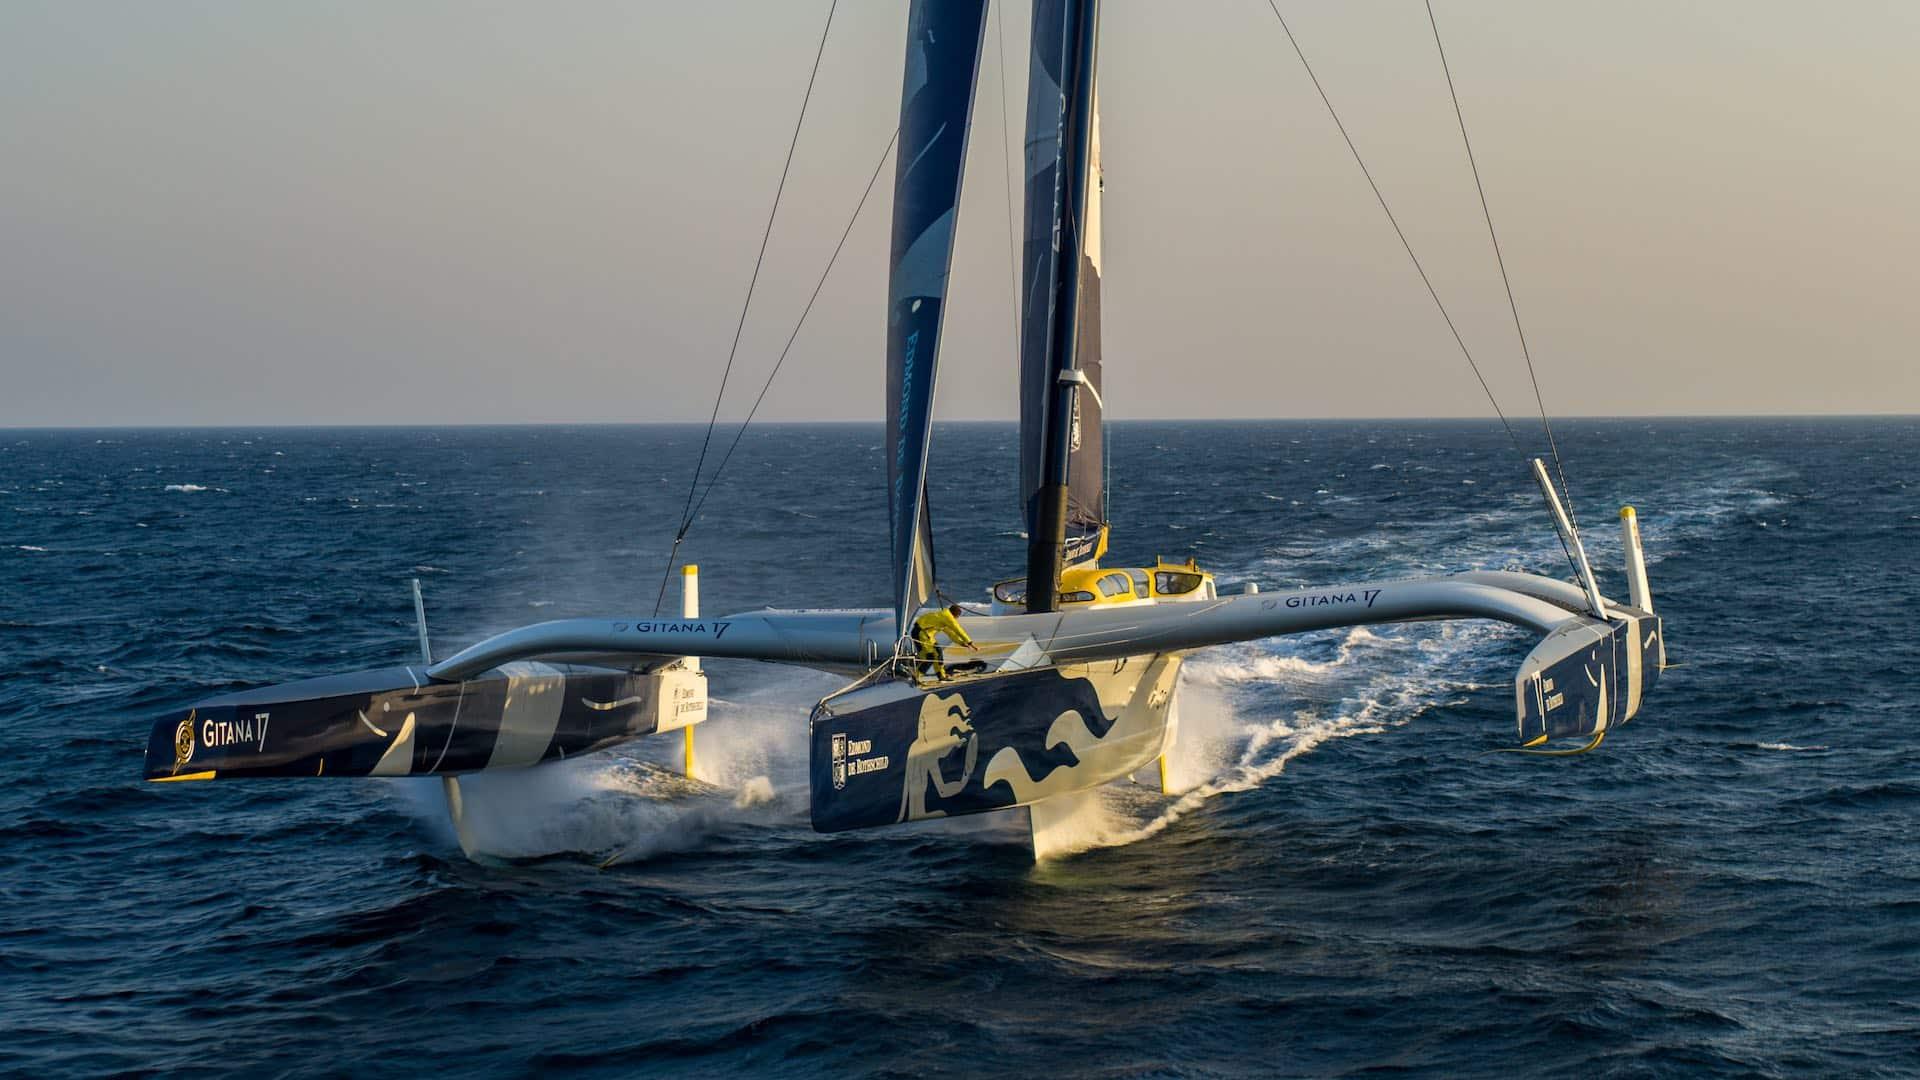 GITANA, Maxi Edmond de Rothschild. Drone 13 February, 2013.